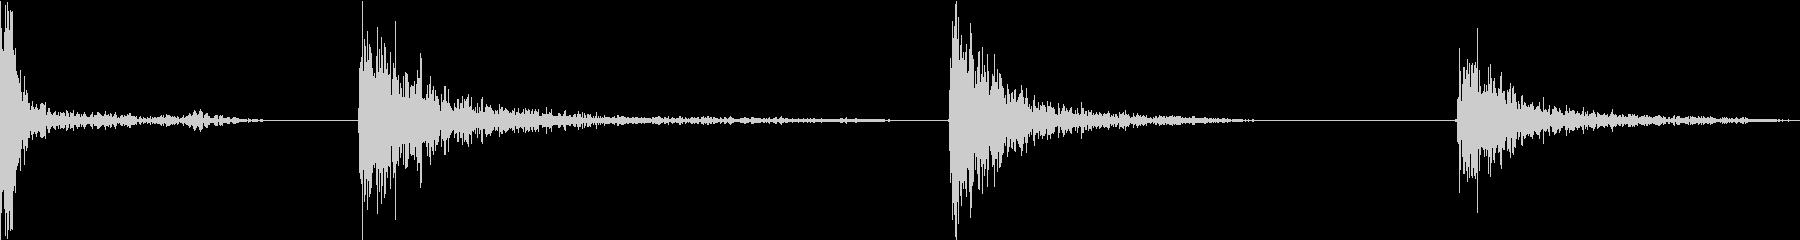 シートメタル、インパクト、ロング、...の未再生の波形